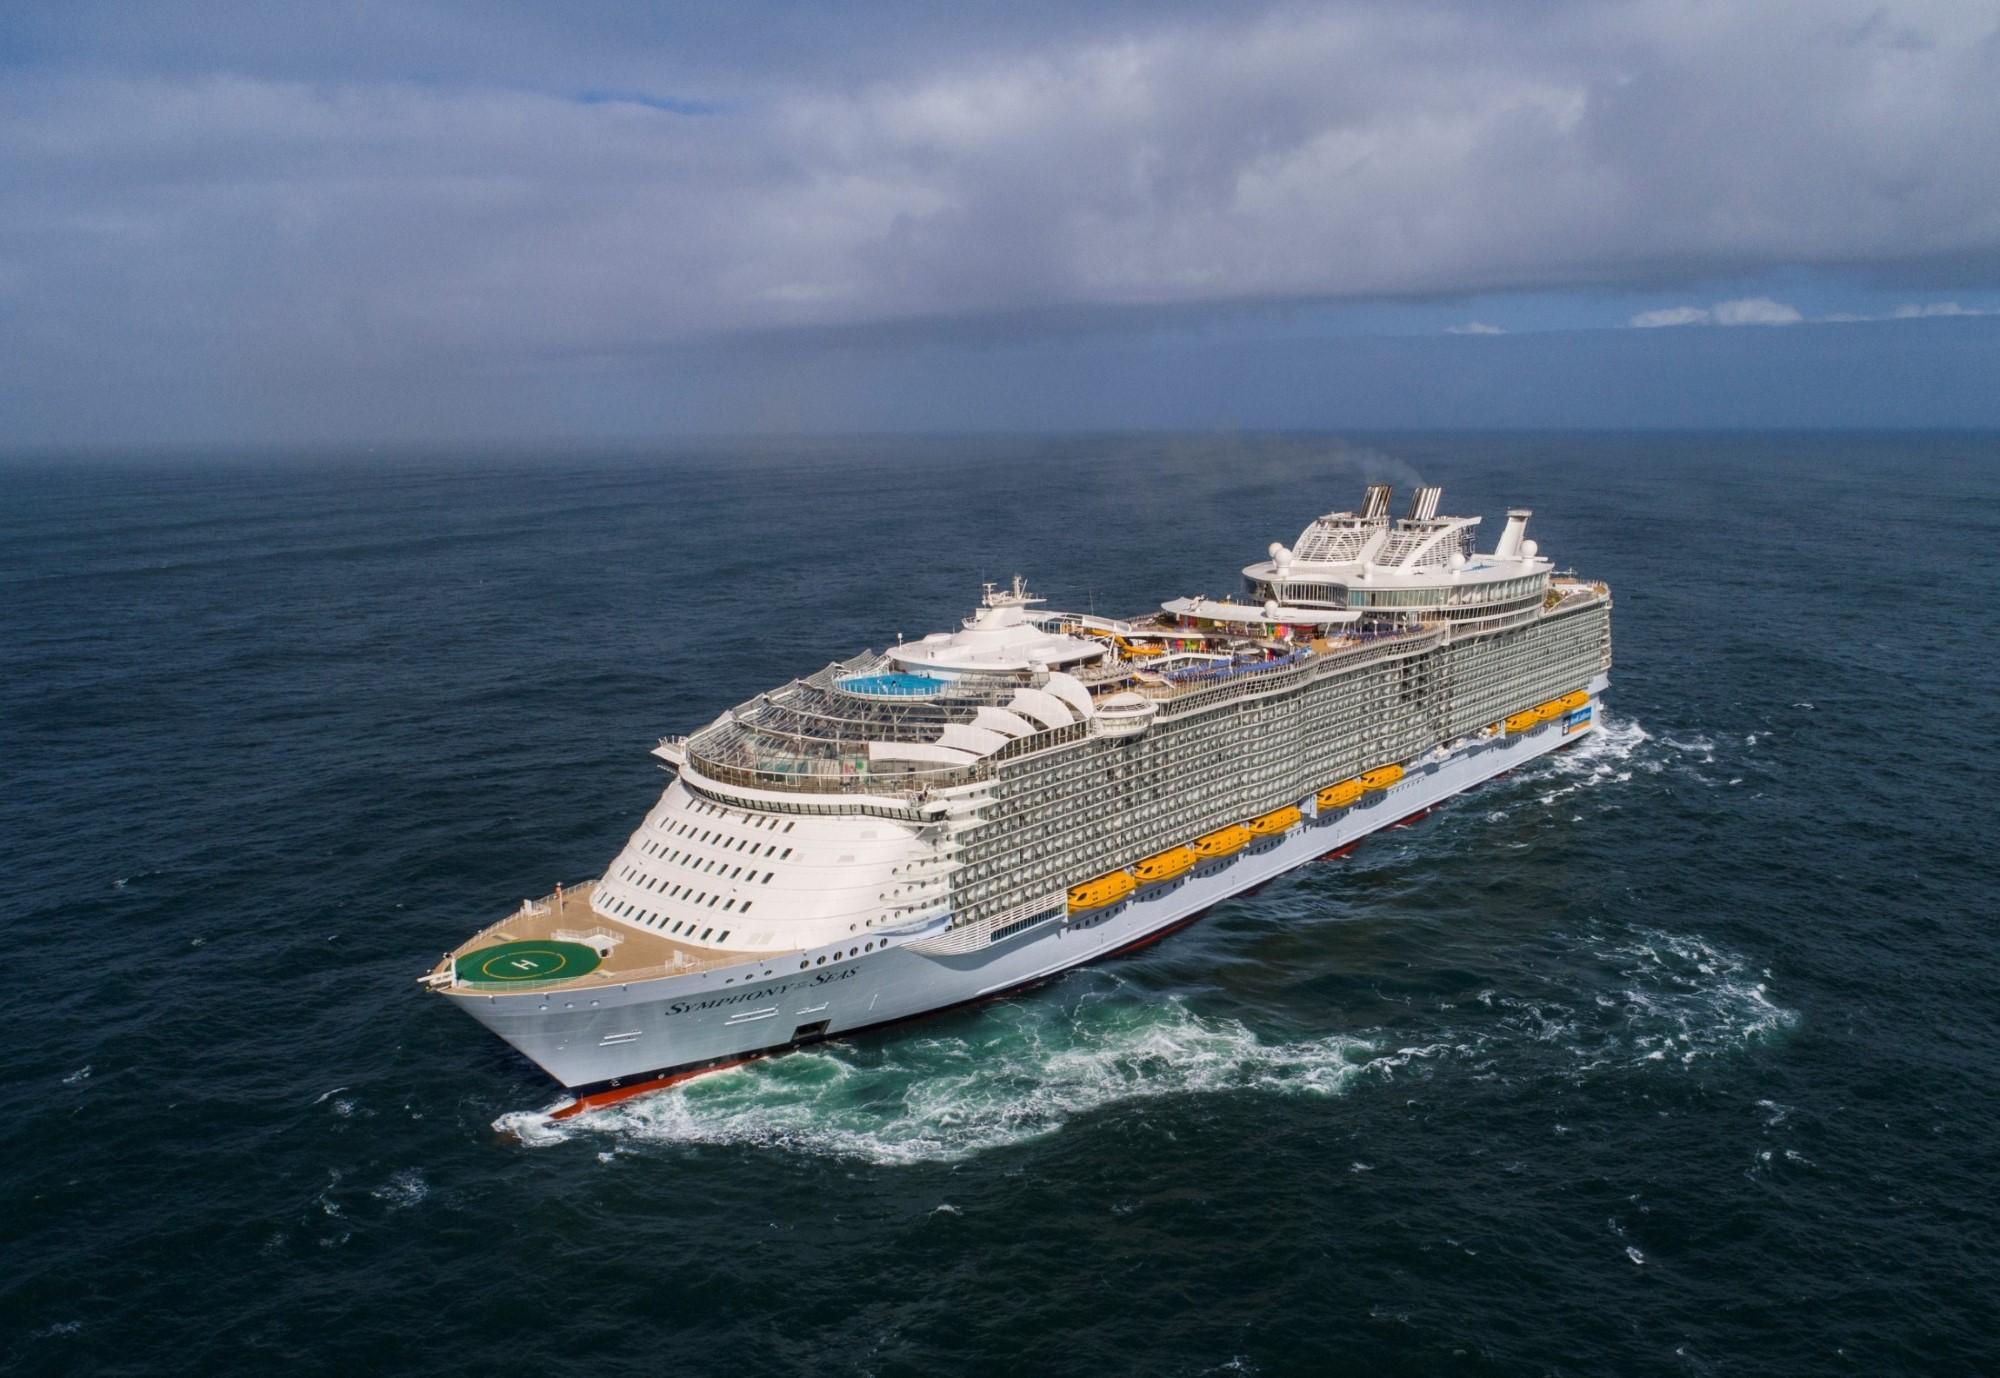 רויאל קריביאן השיקה האוניה הגדולה בעולם